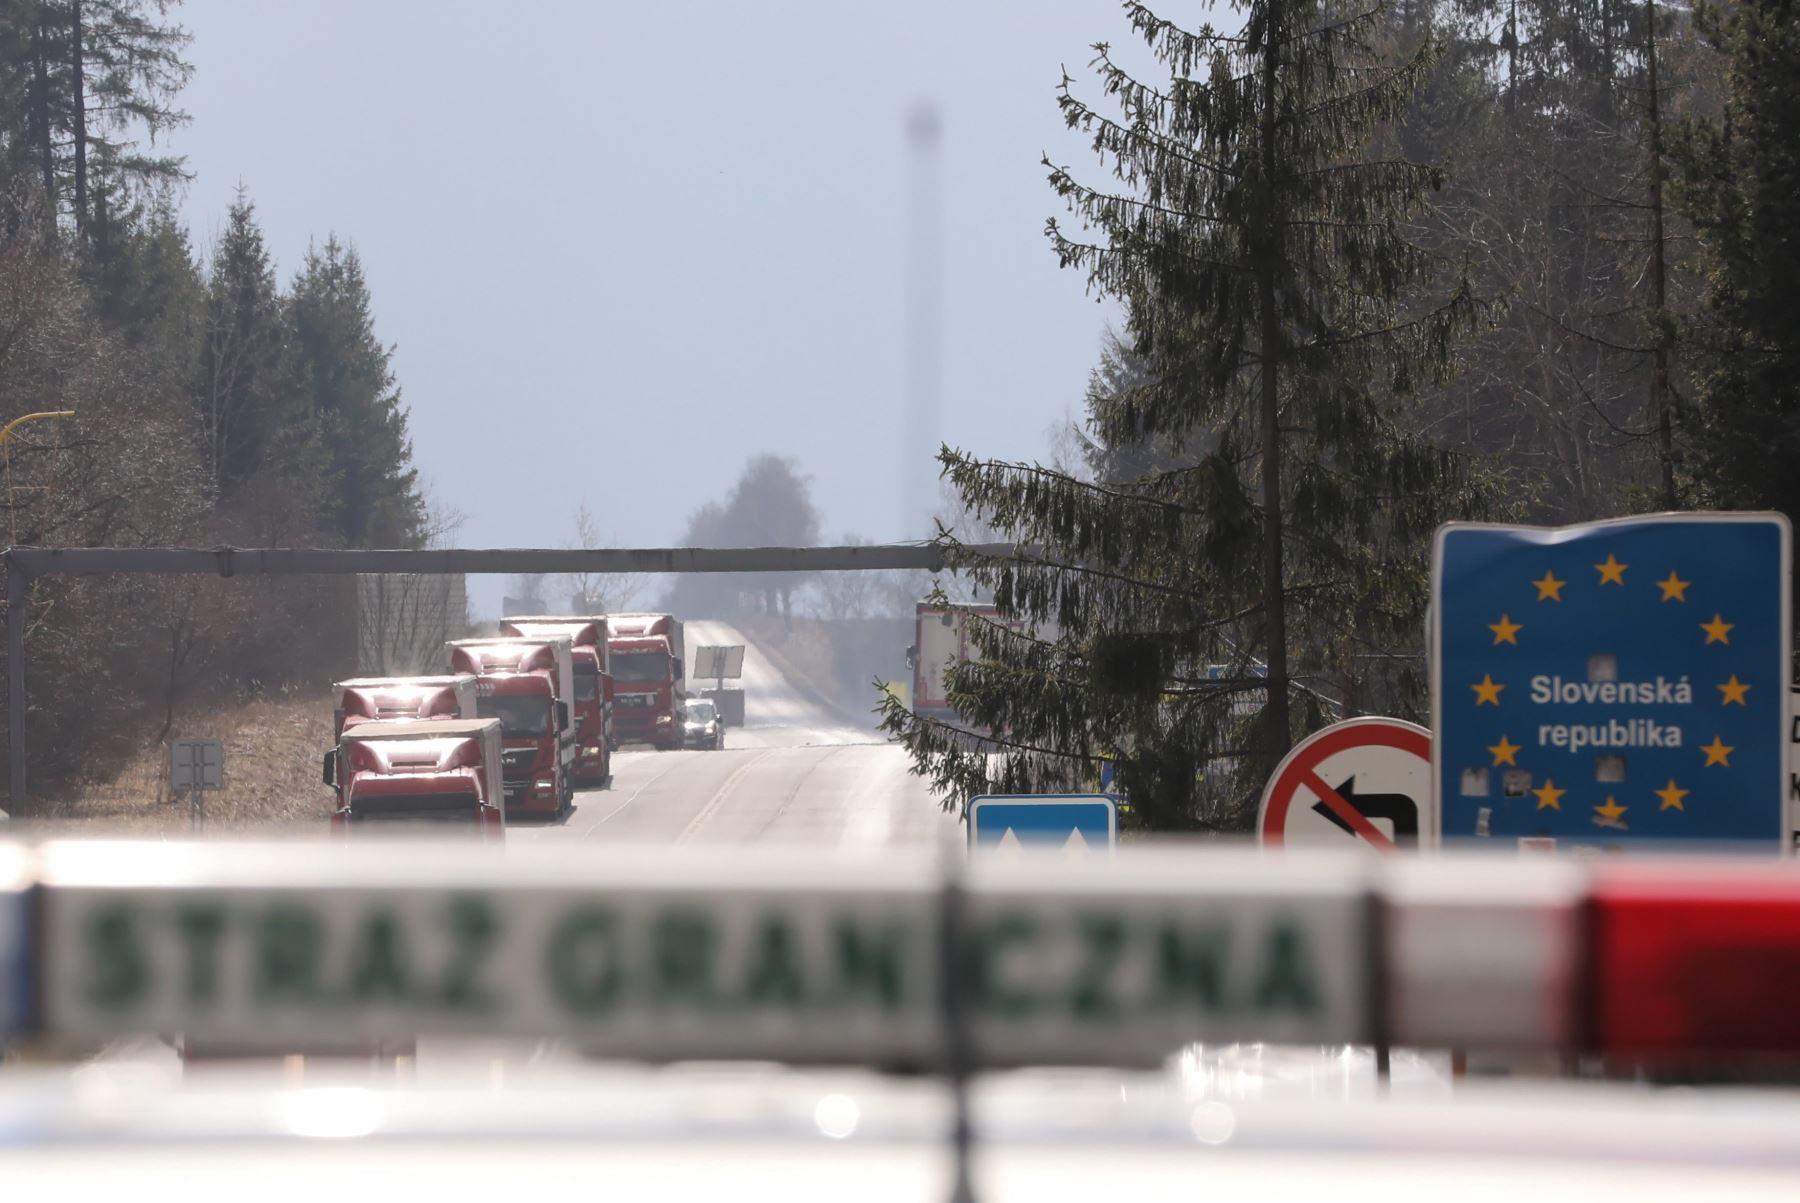 Los guardias fronterizos polacos controlan en el cruce fronterizo polaco-eslovaco en Chyzne, sur de Polonia, hasta nuevo aviso, los automóviles de más de 7,5 toneladas tienen prohibido ingresar a Eslovaquia. Foto: EFE